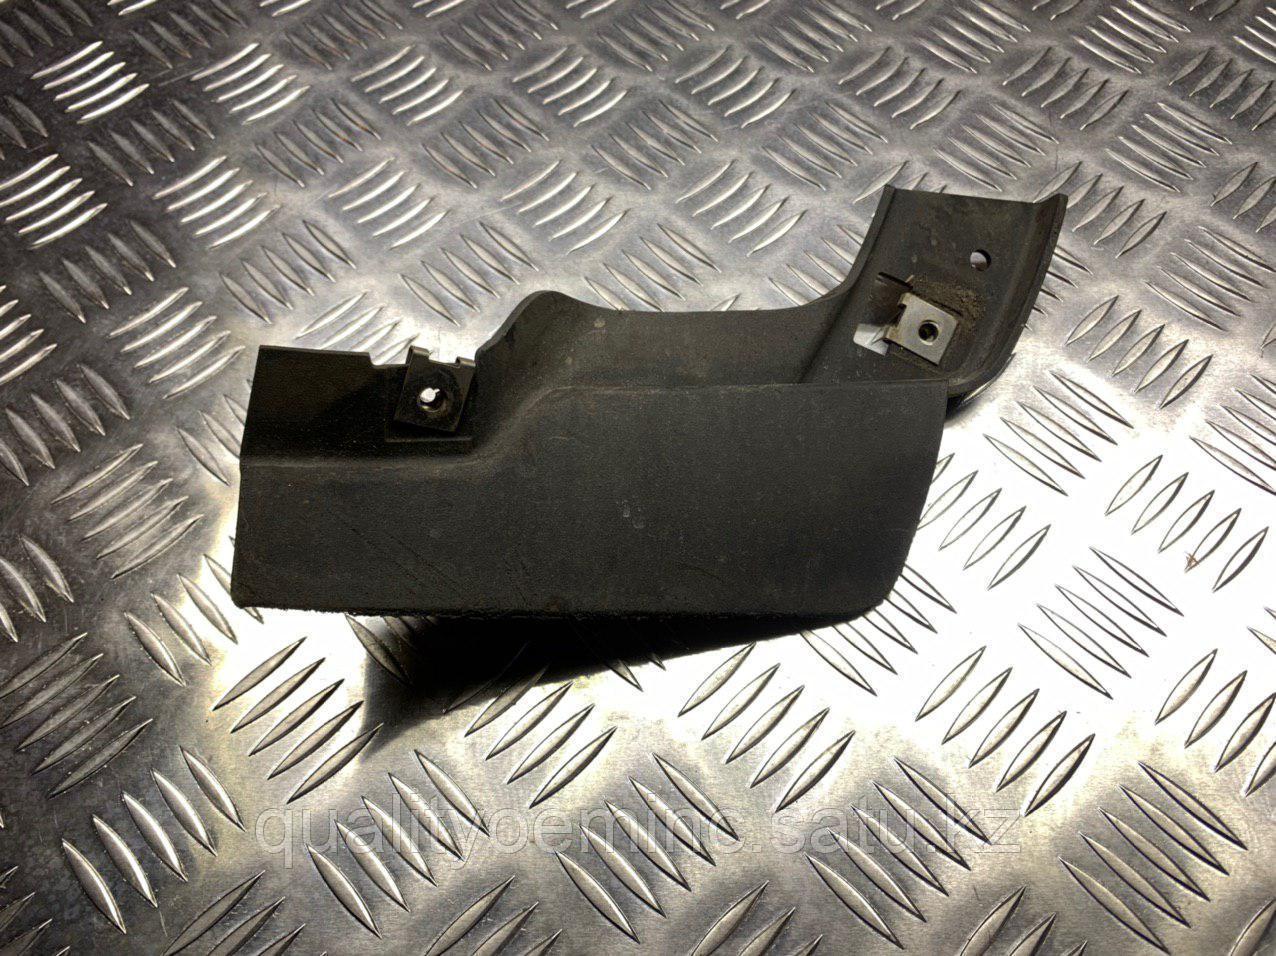 4H0807544 - брызговик Audi A8 (4H_)